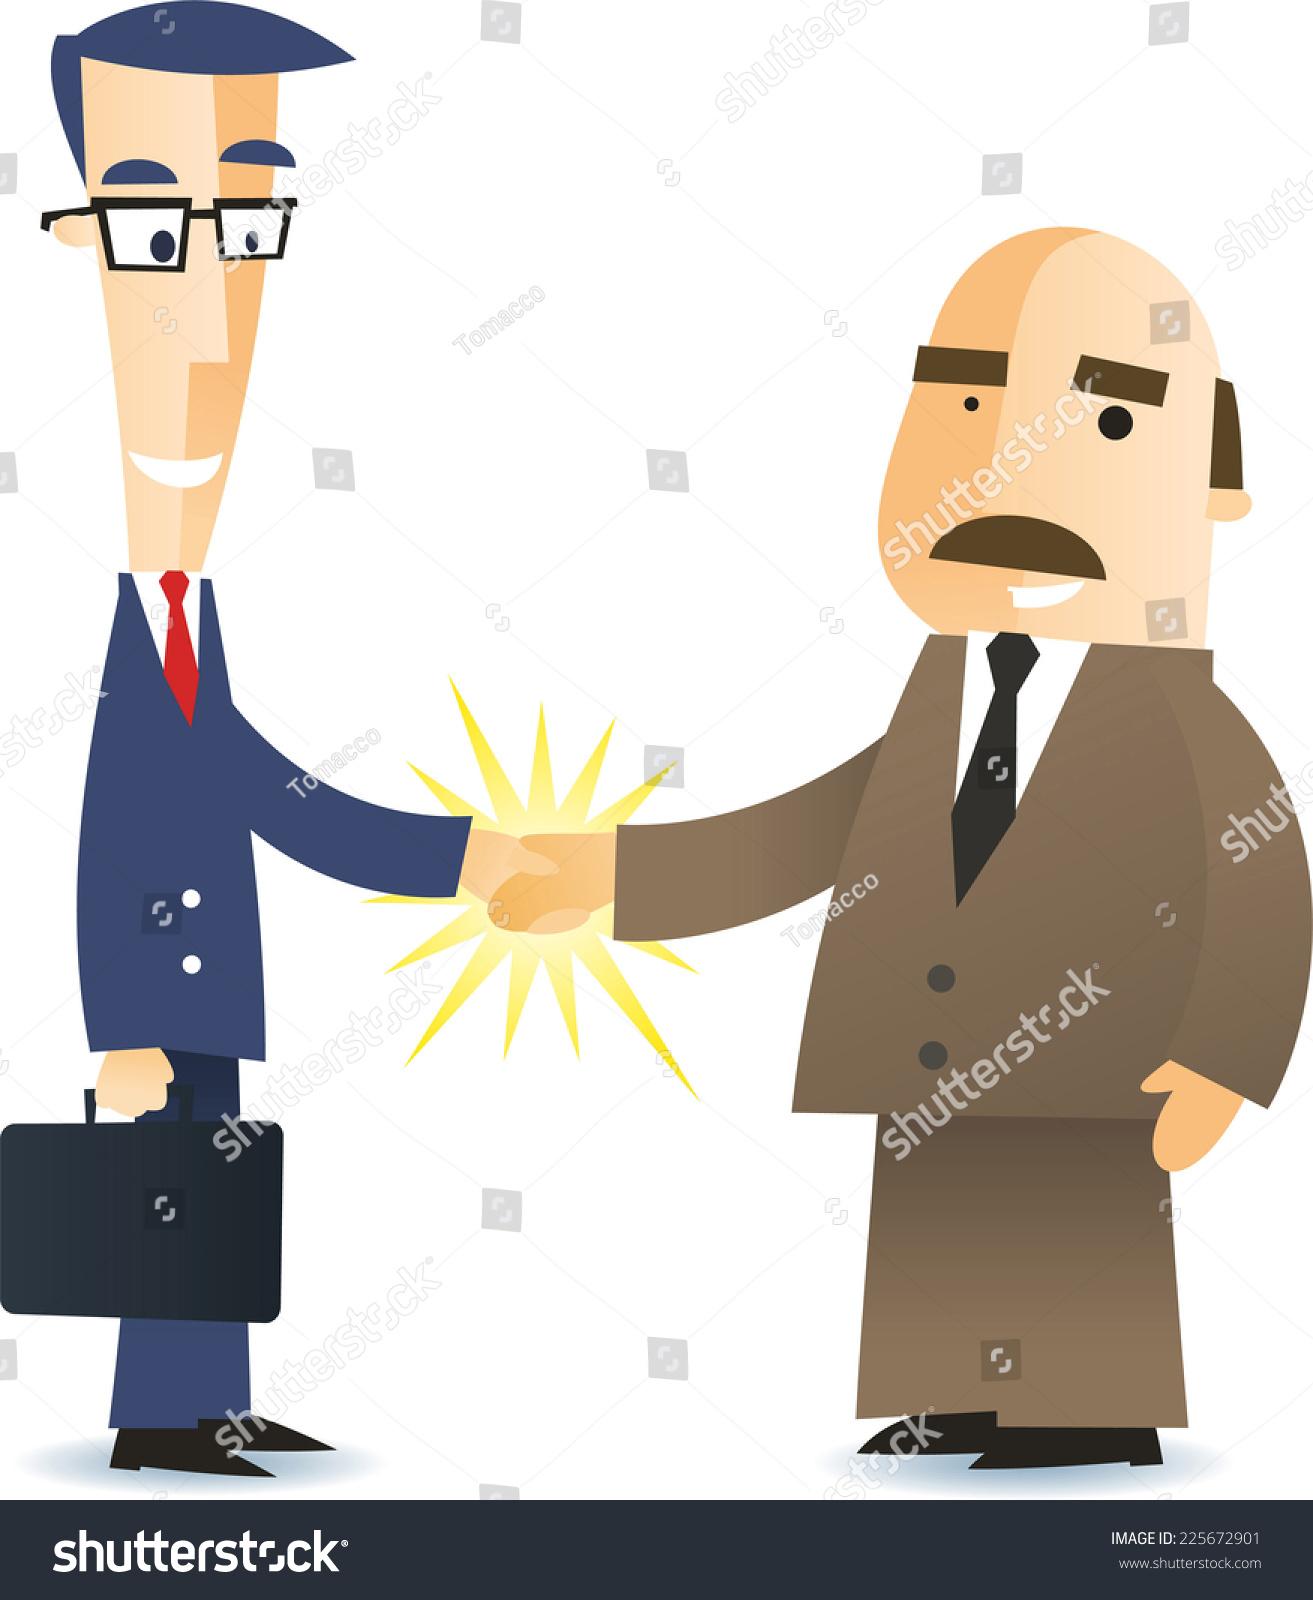 两个业务男人握手达成协议卡通插图-商业/金融,人物图片